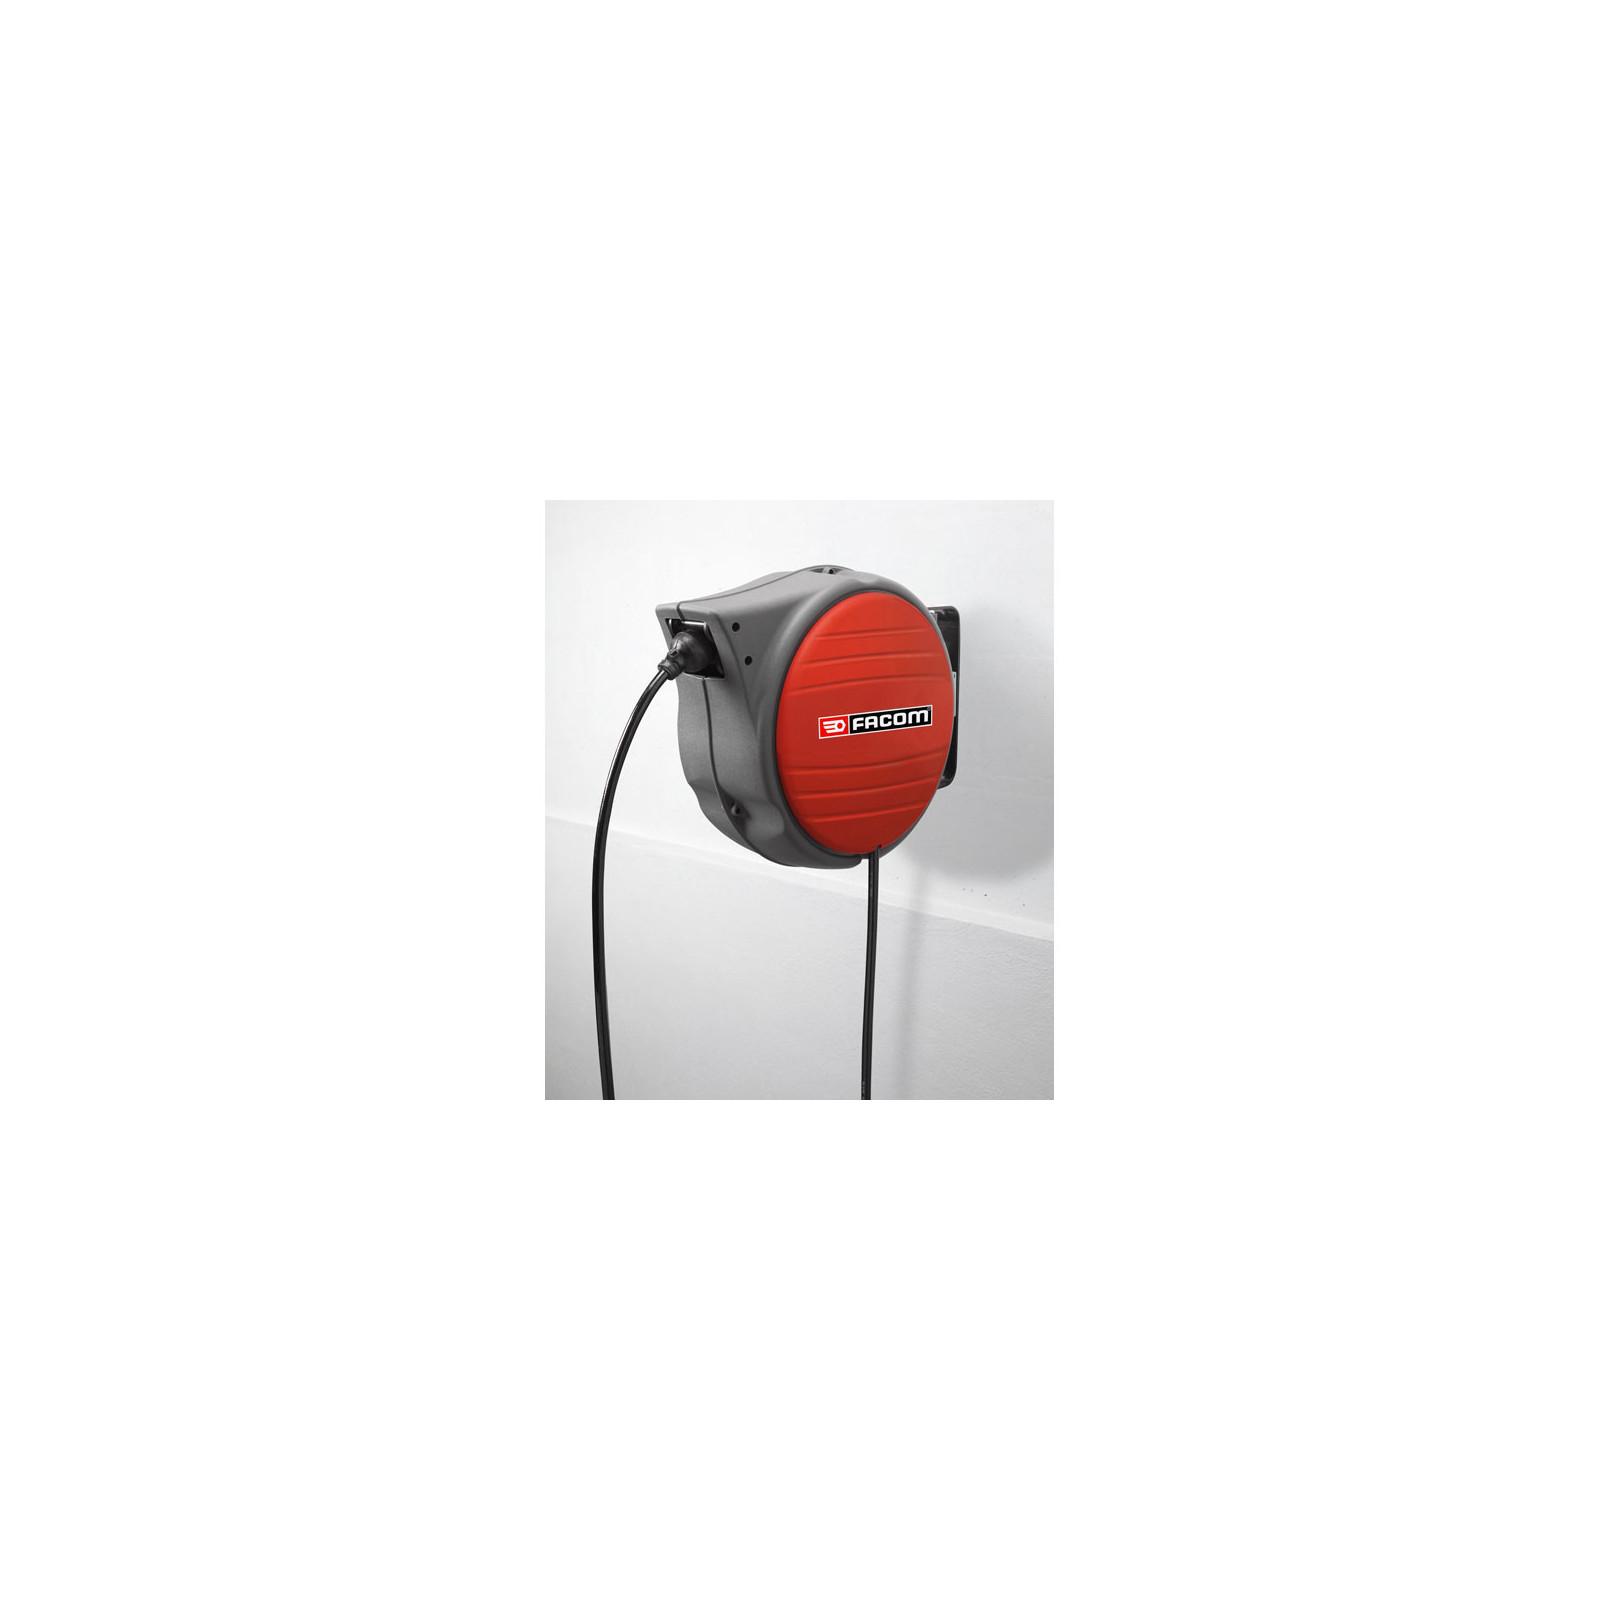 Enrouleur de tuyau d'air - Facom N.709